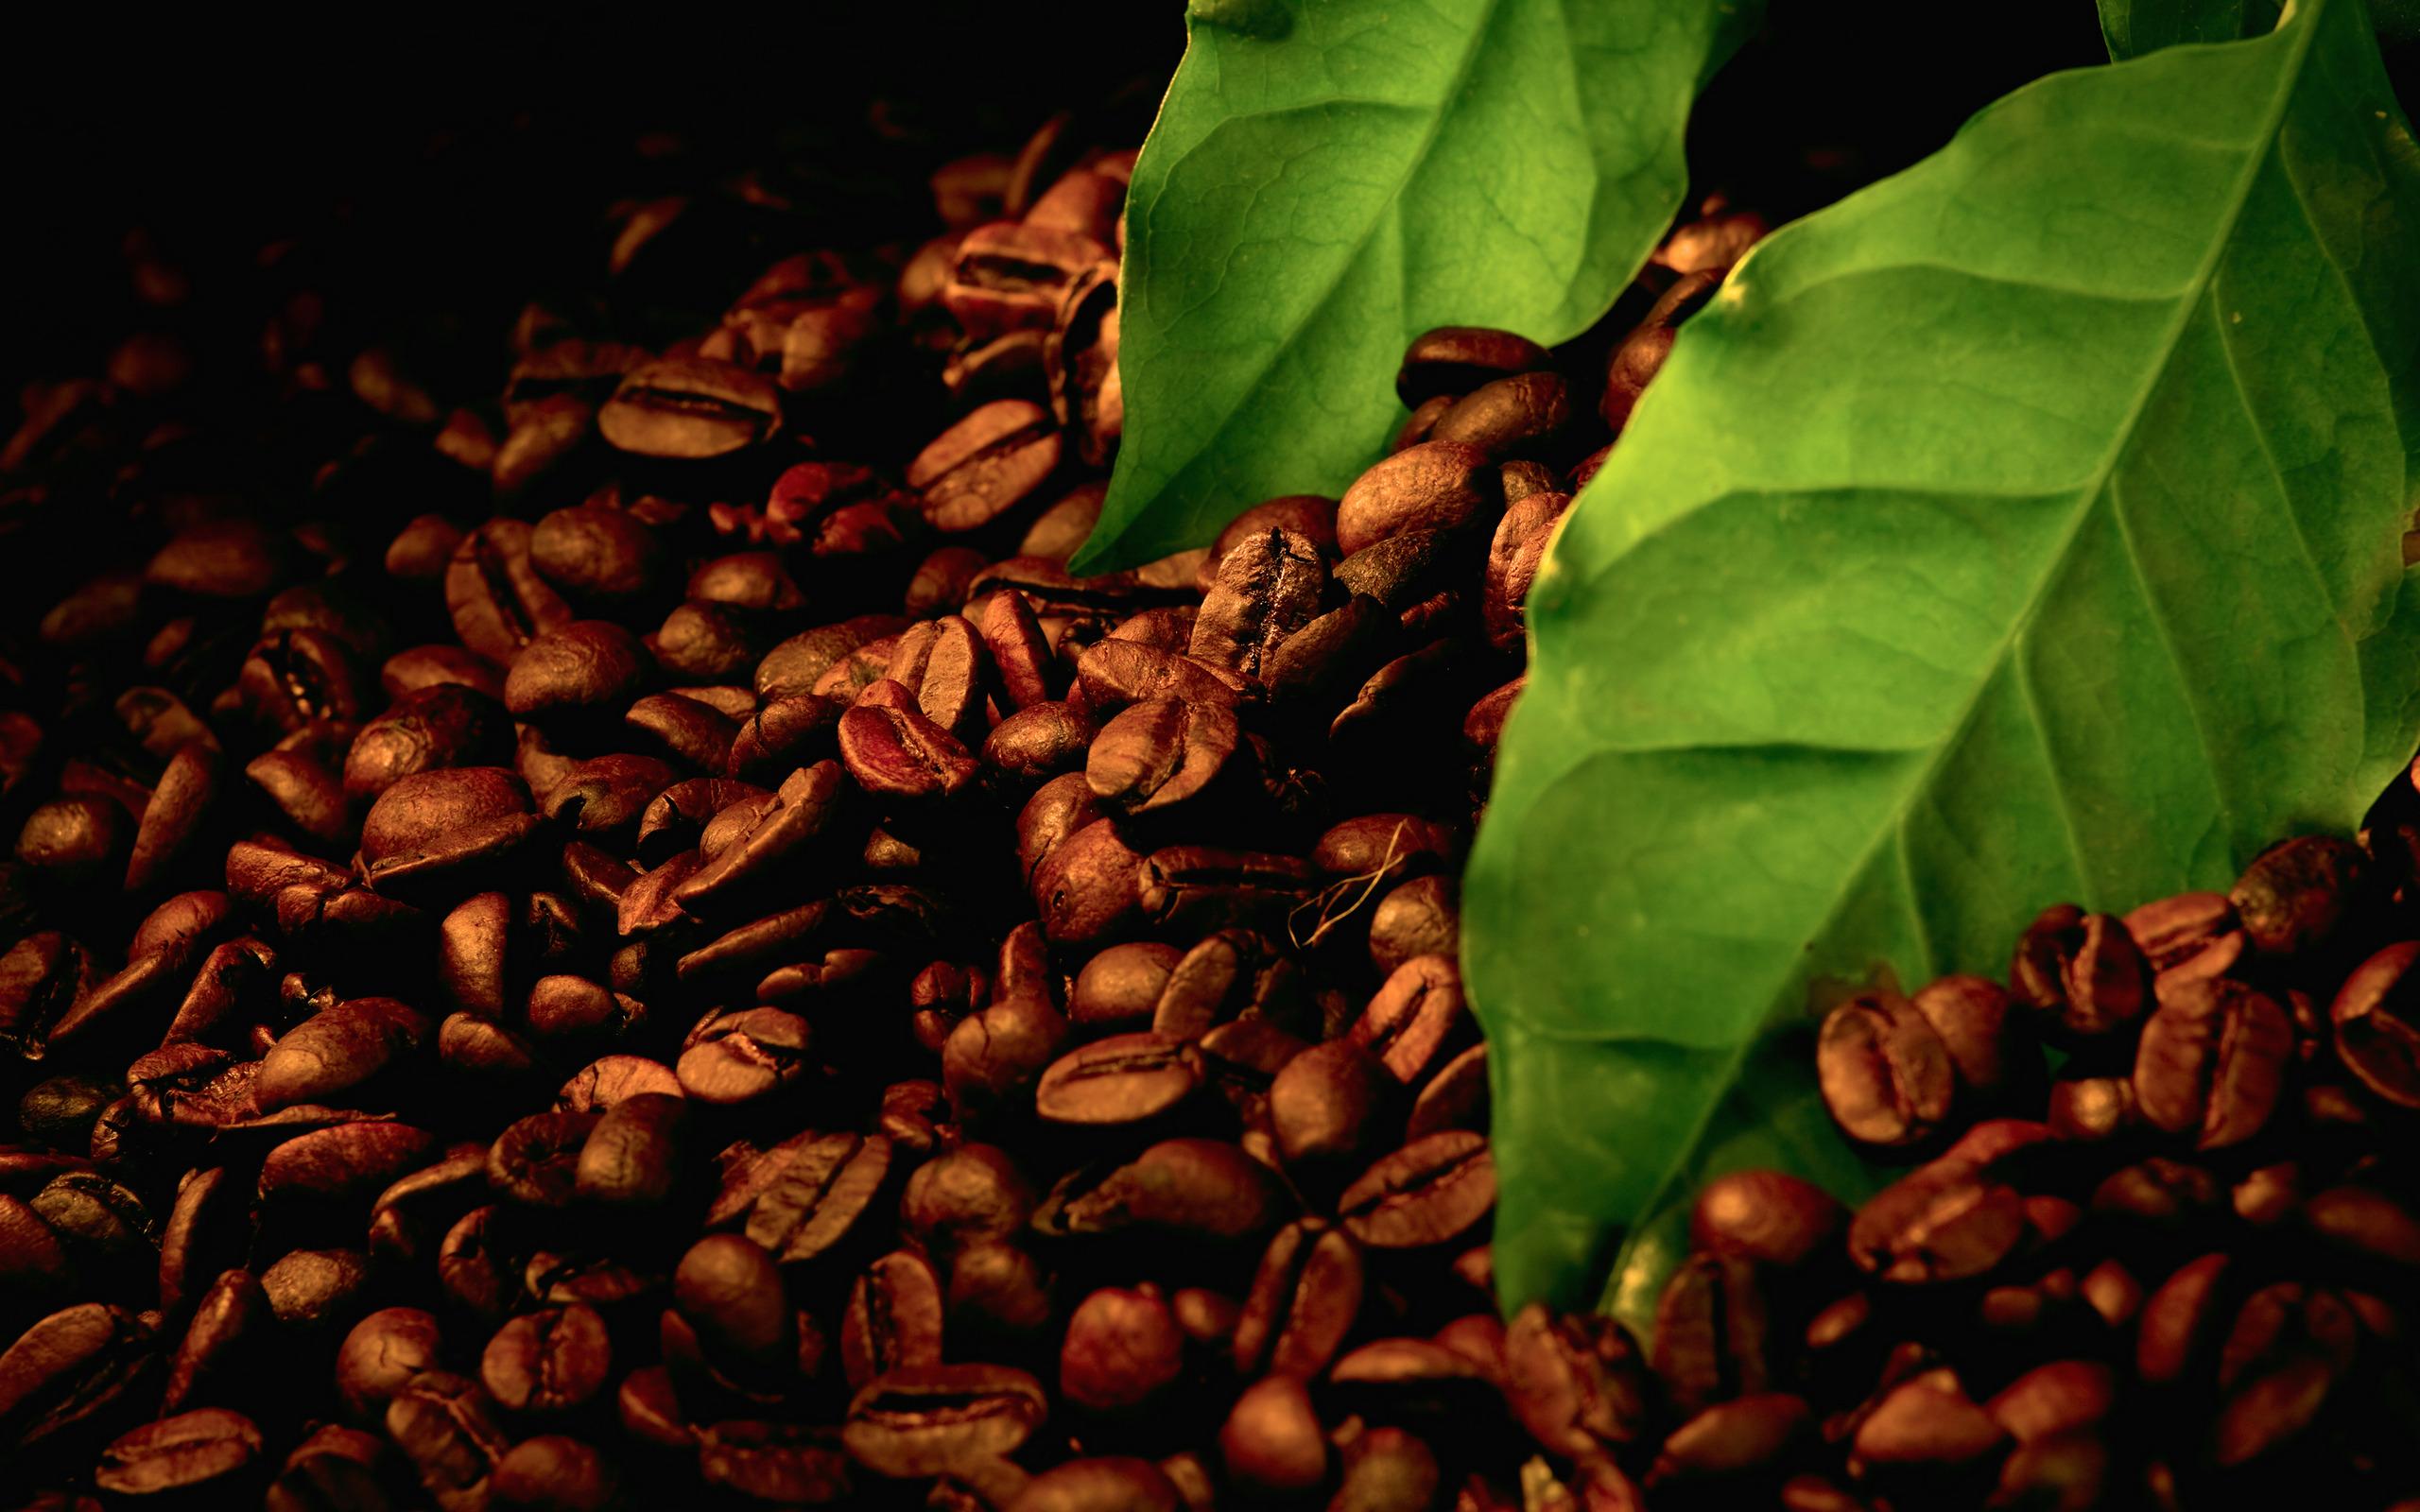 Кофе зерна  № 142112 загрузить